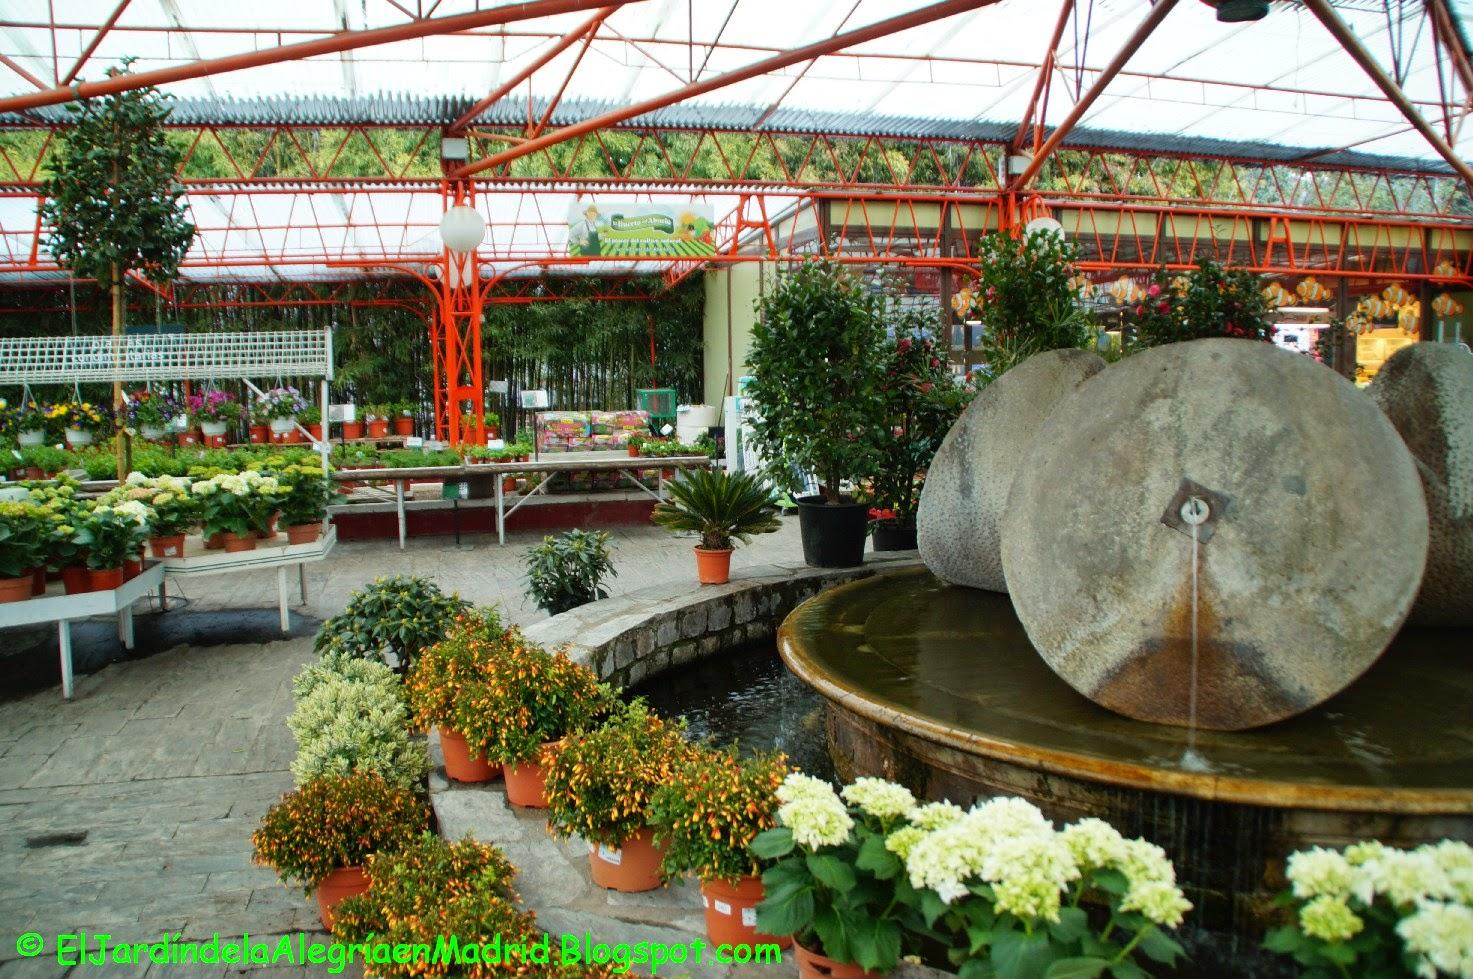 El jard n de la alegr a los pe otes un gran centro de for Centro de jardineria